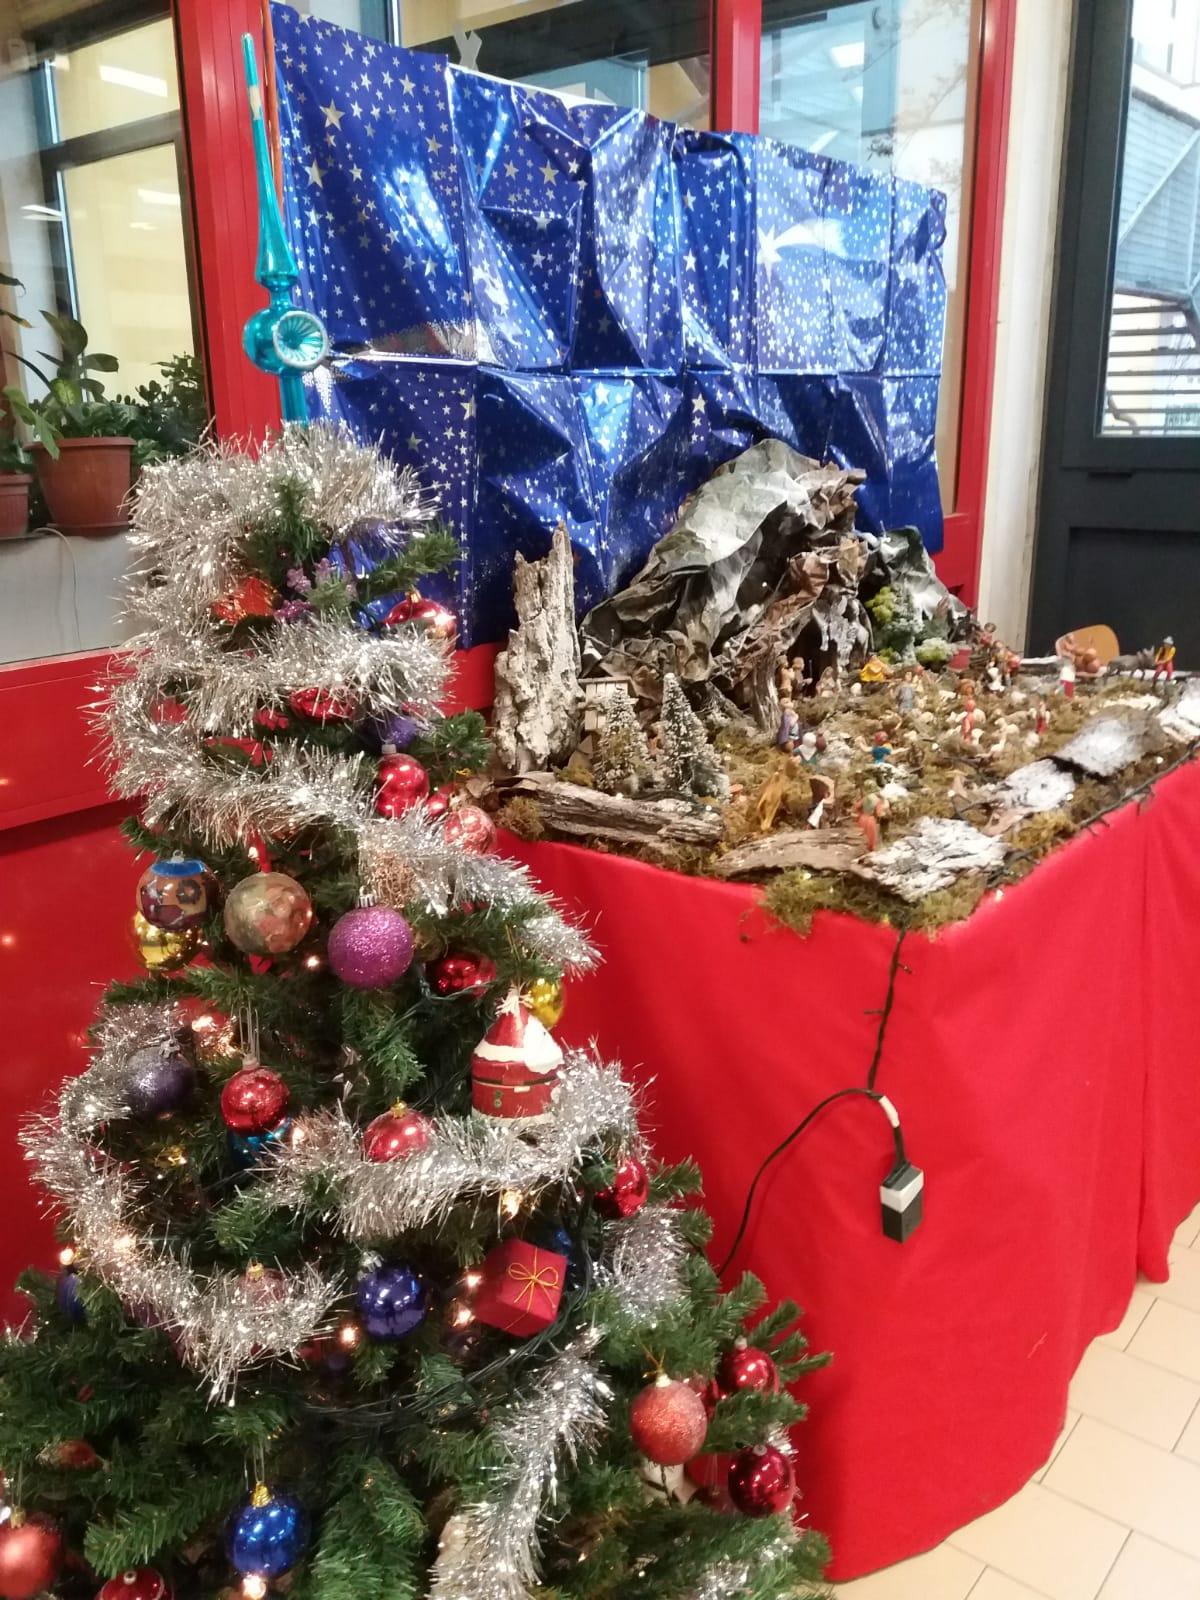 I Migliori Auguri Di Buon Natale.I Nostri Migliori Auguri Di Buon Natale E Buone Feste Alunni